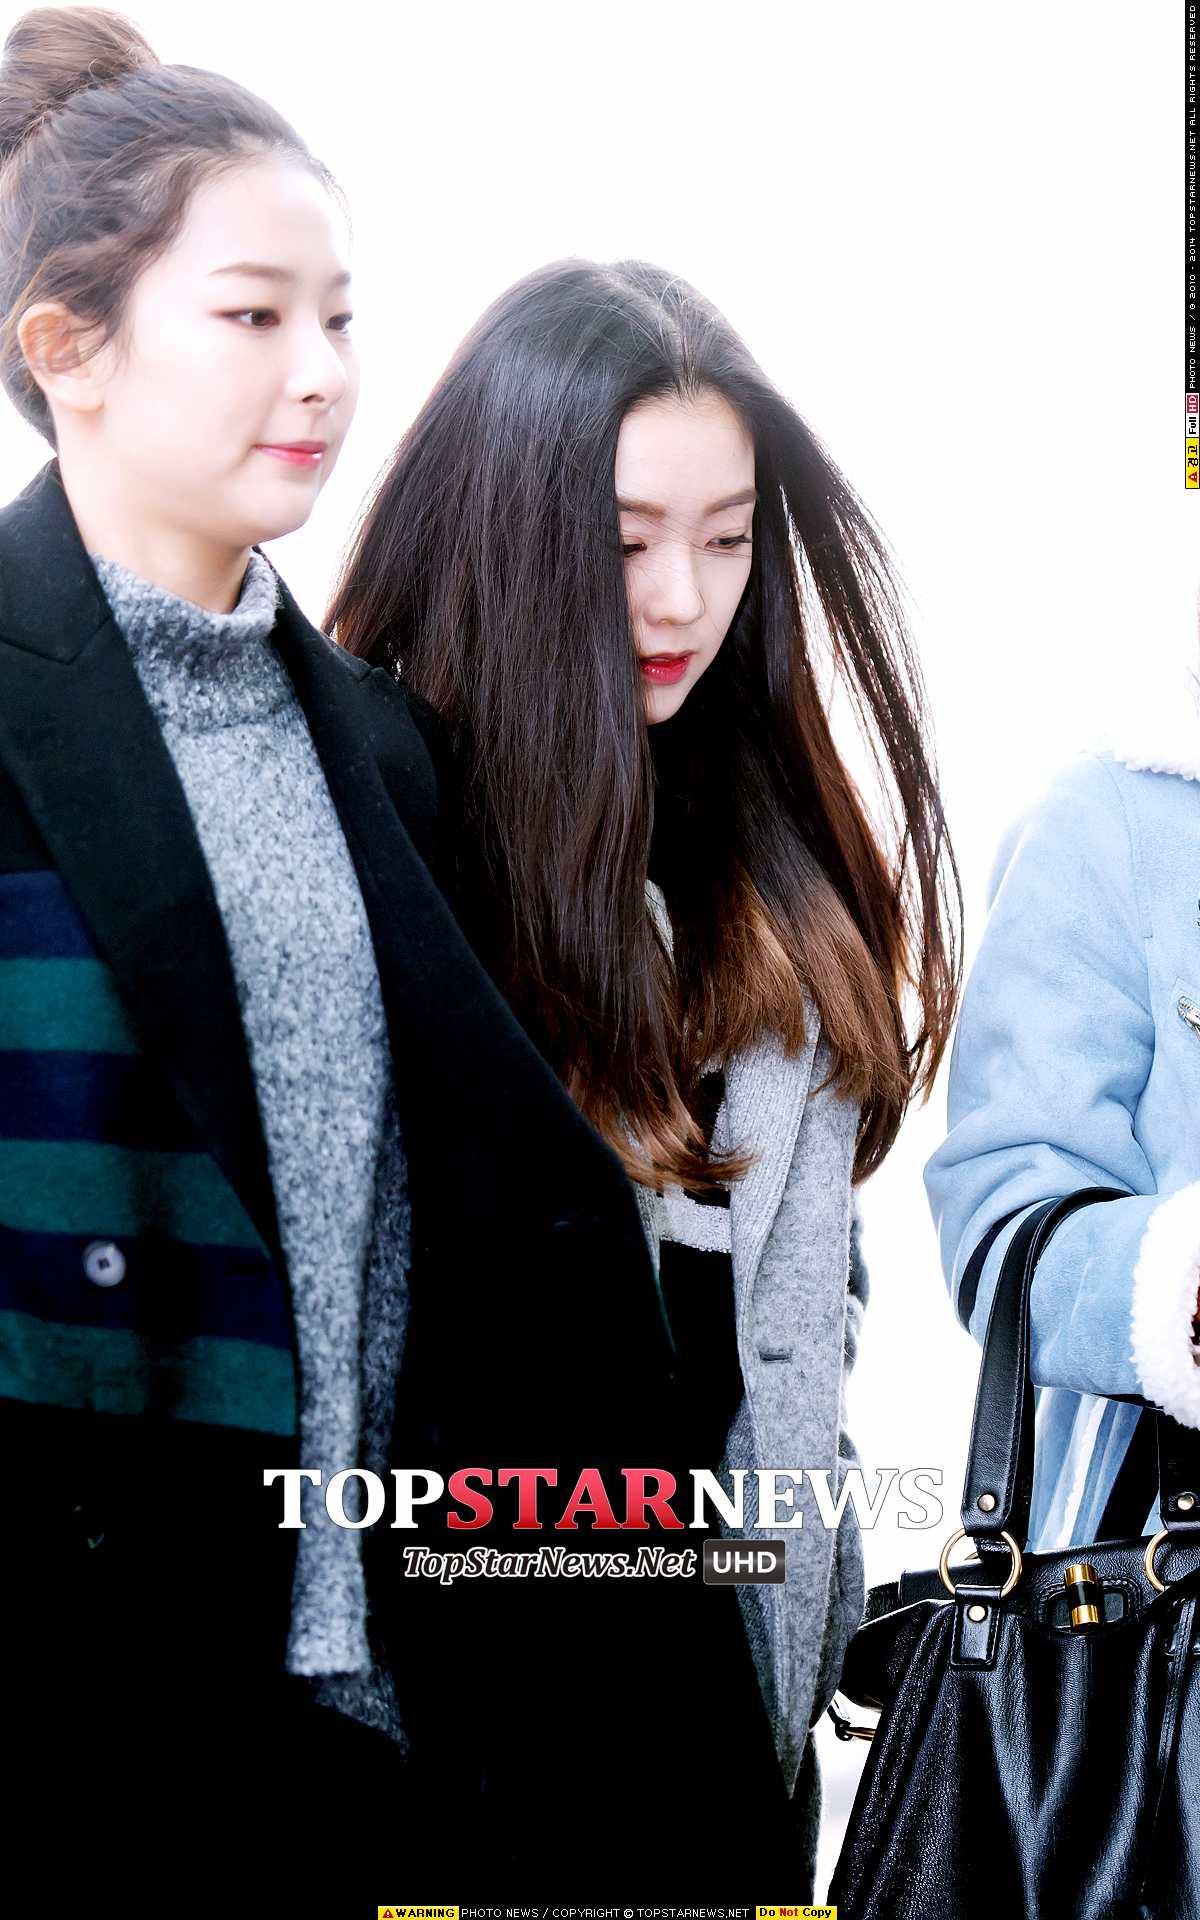 相較其他成員, Irene被拍到低著頭走路的次數真的很多耶!~ 不過已經很嬌小的Irene再低頭的話,看起來更小隻啦 ><